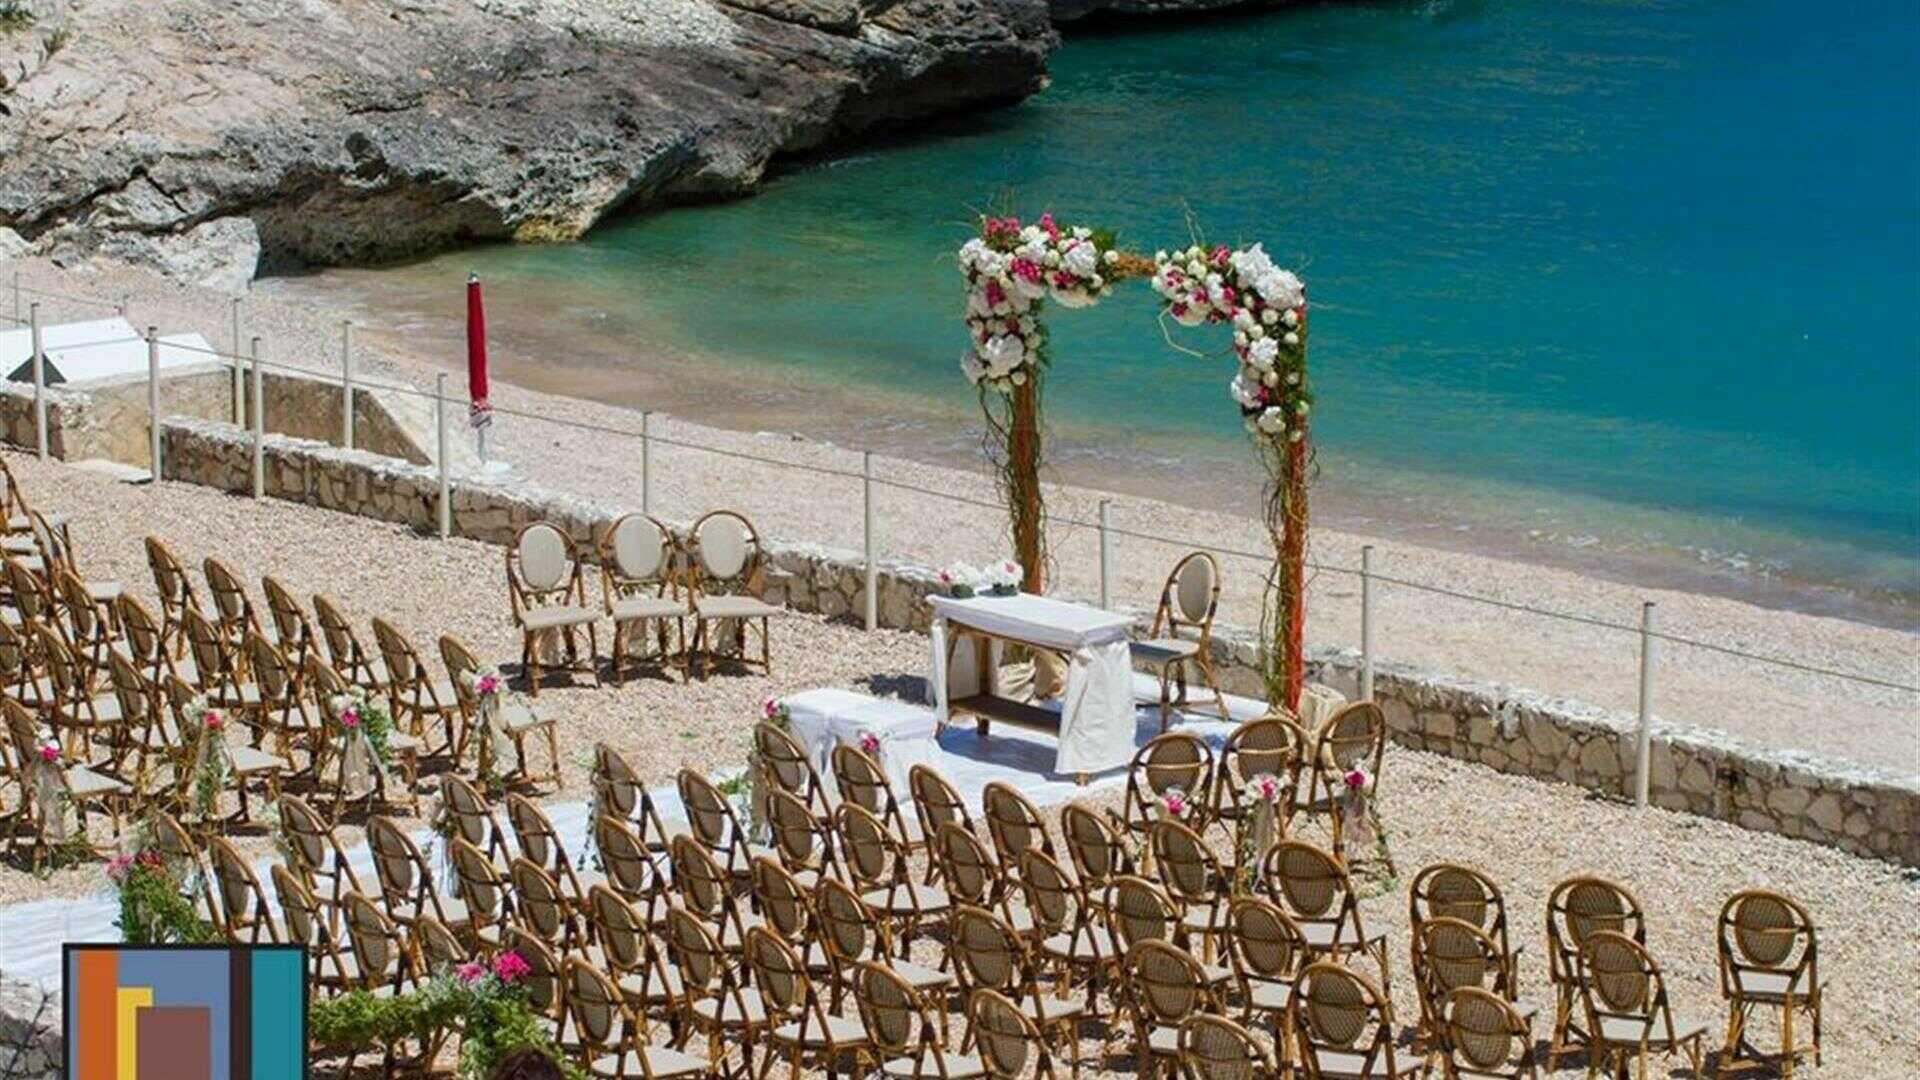 Matrimonio Civile In Spiaggia Puglia : Matrimonio civile come trovare una location autorizzata per il